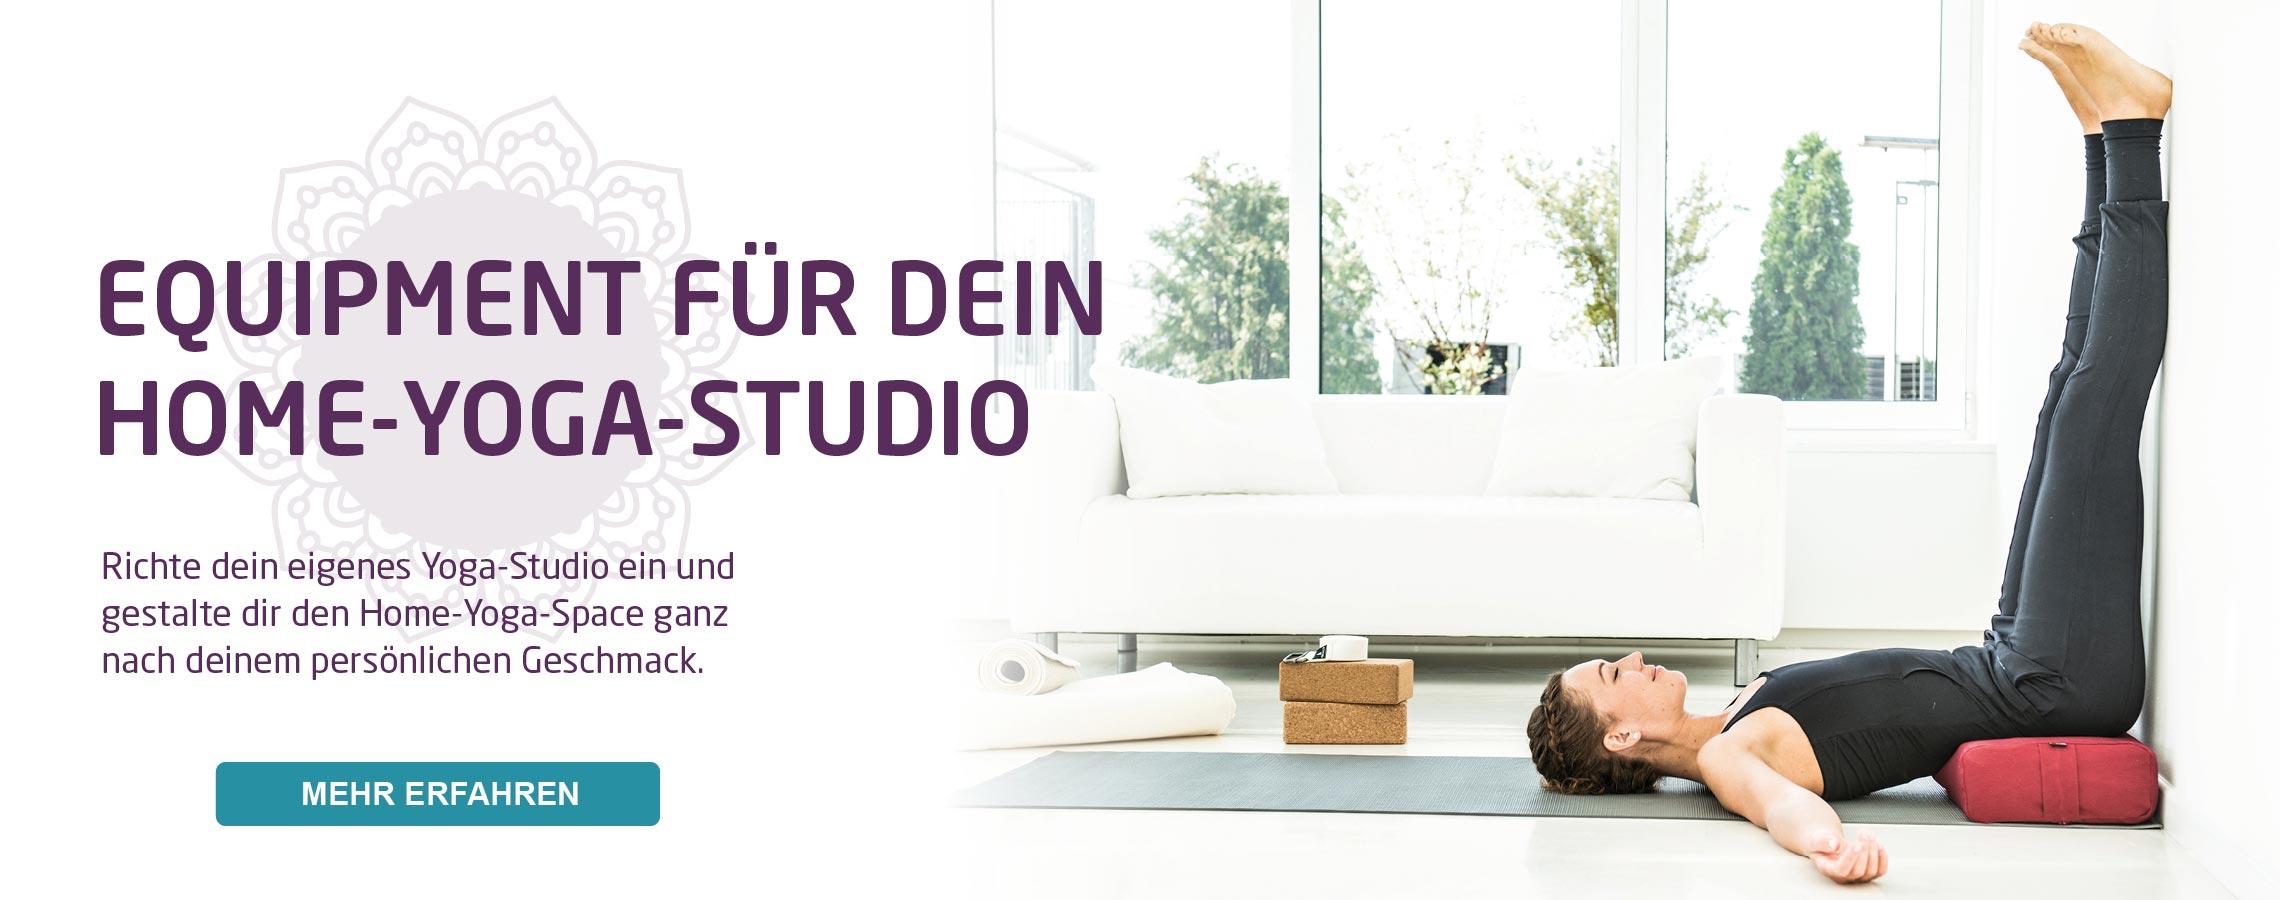 Startseite Teaser Home-Yoga